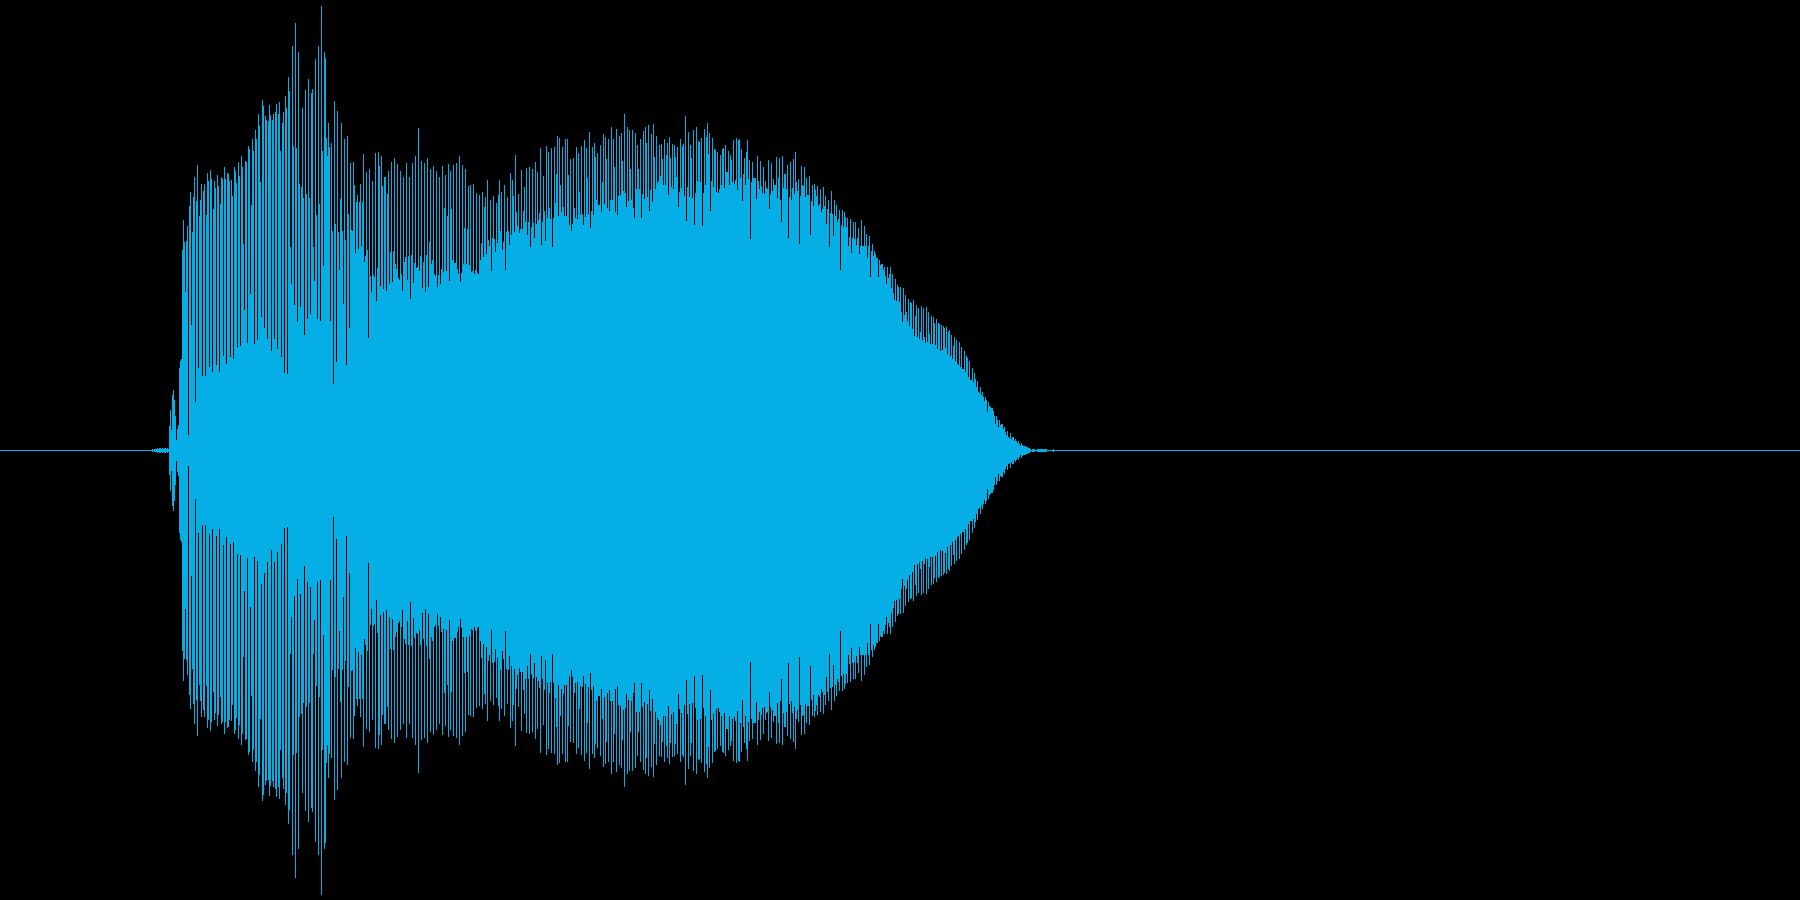 「ボォイン」の再生済みの波形